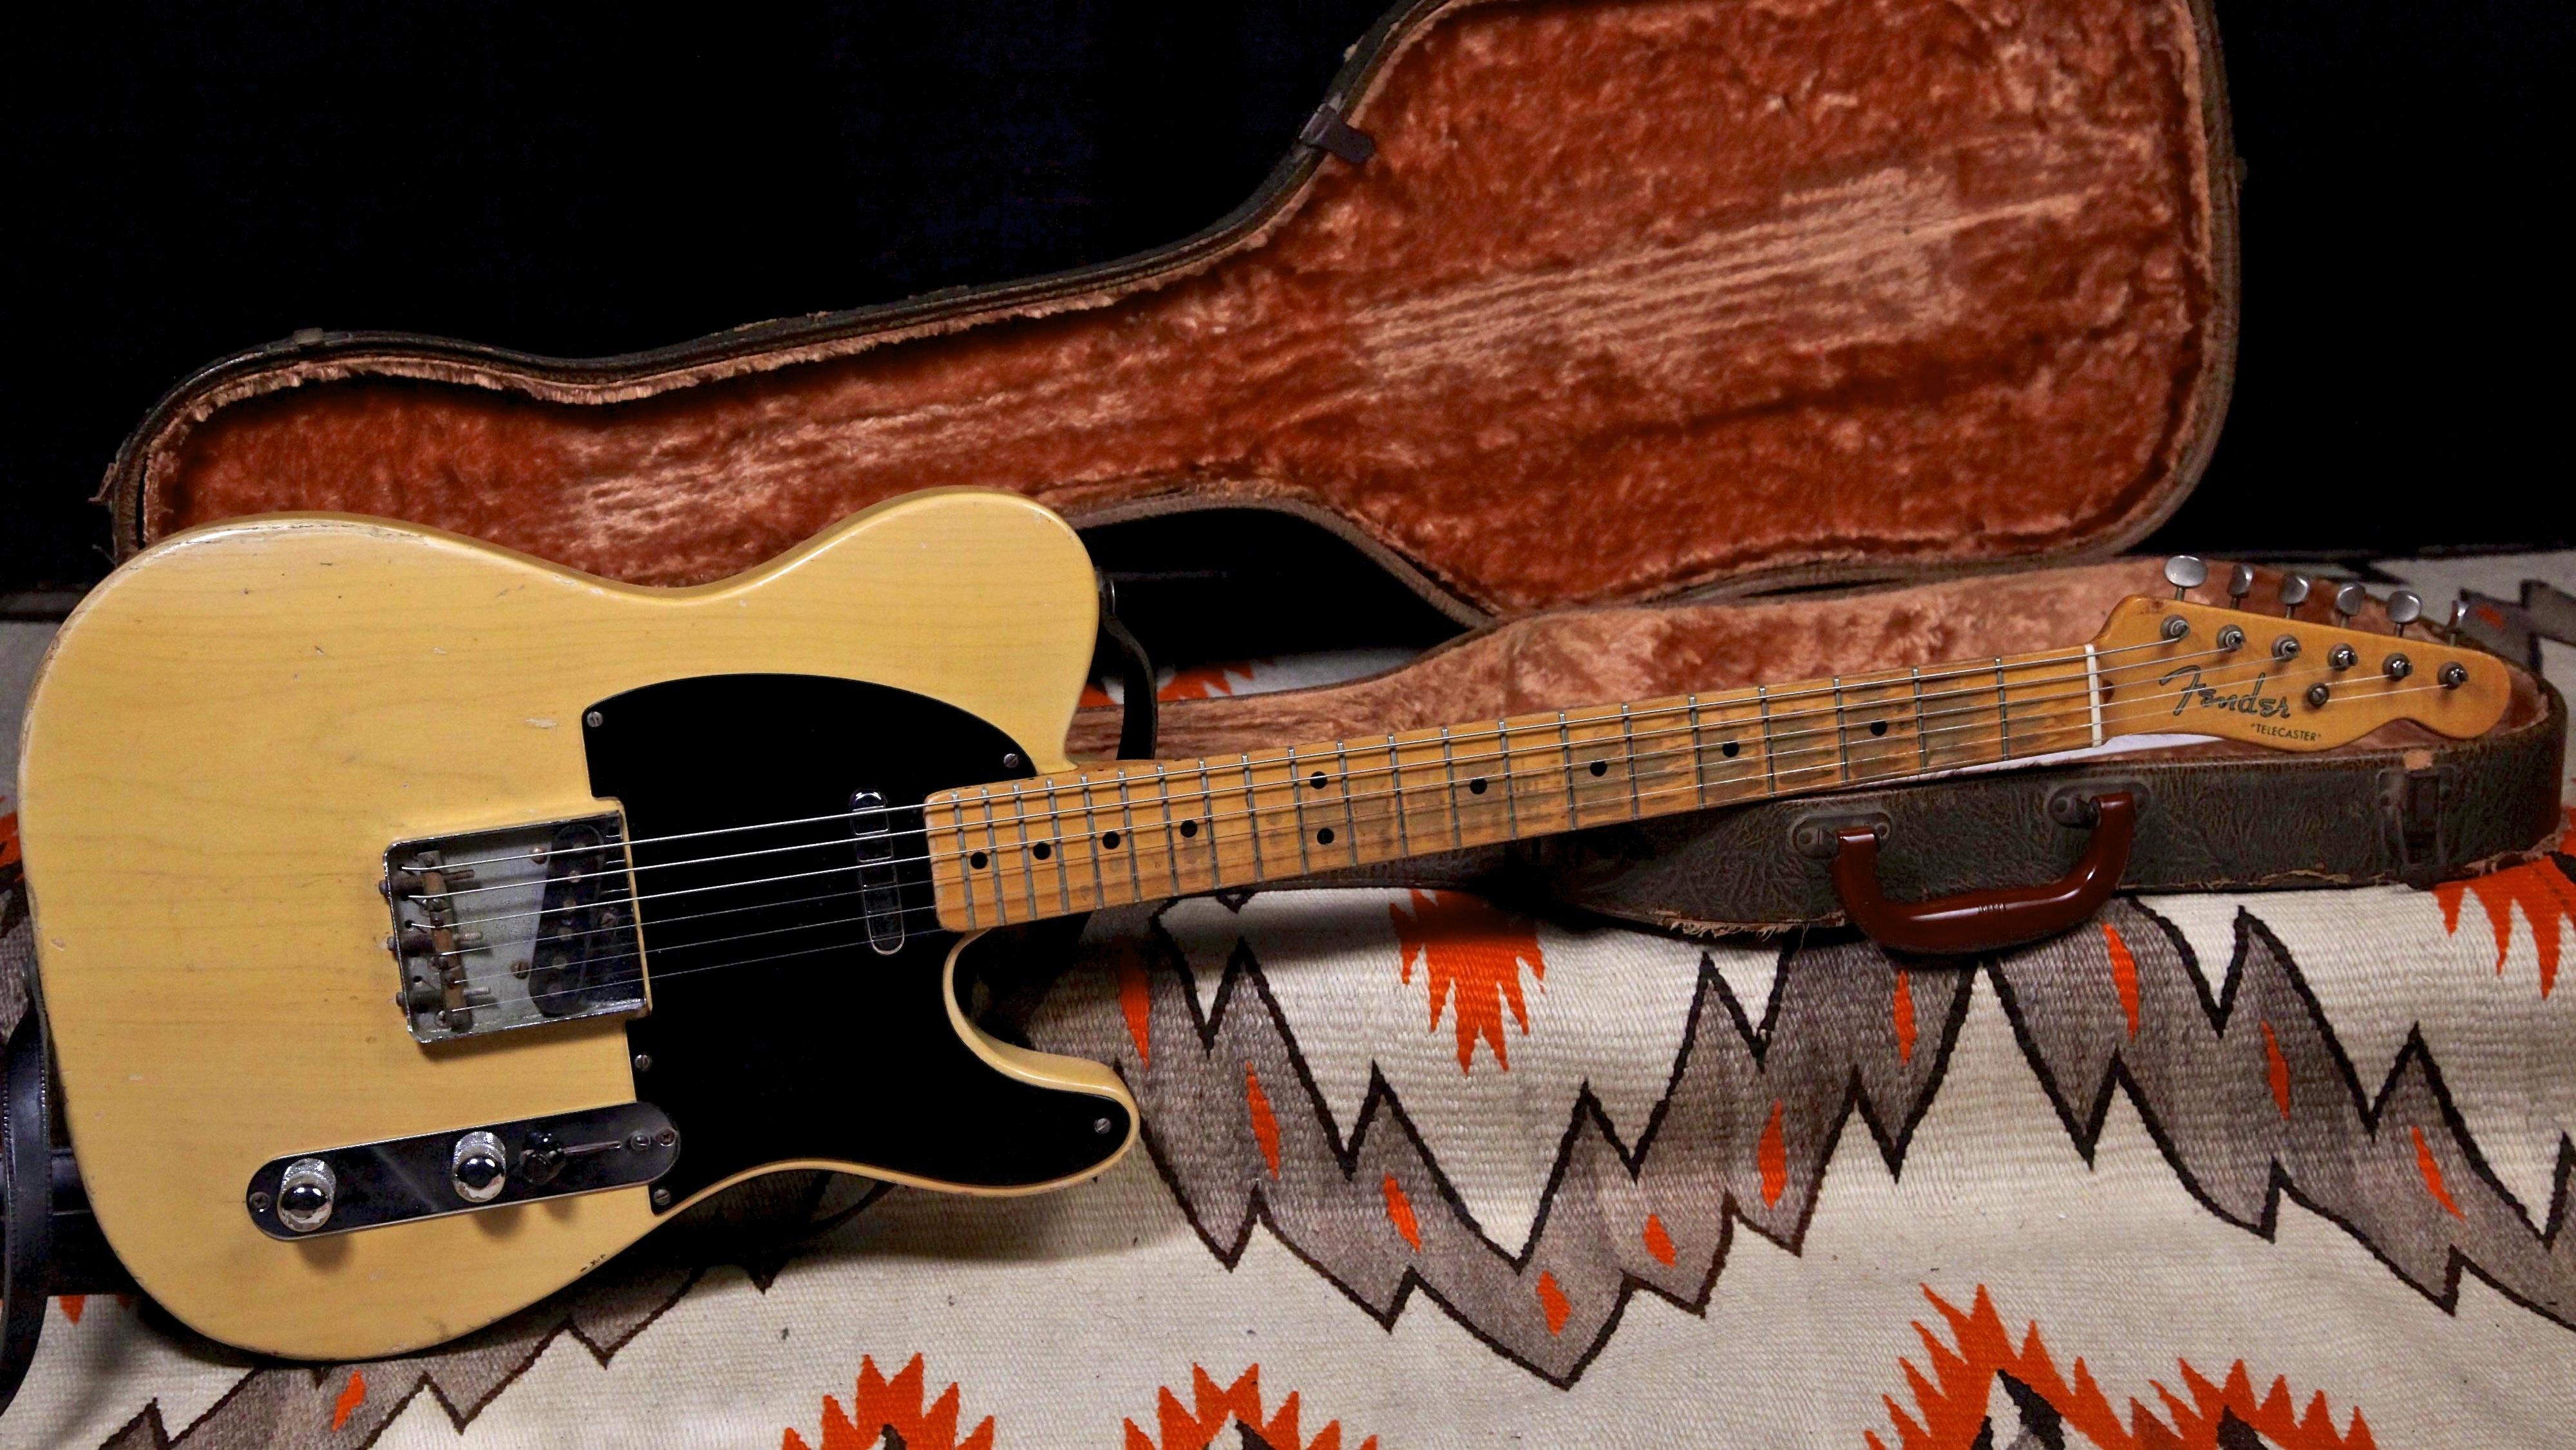 Original 1952 Fender Telecaster